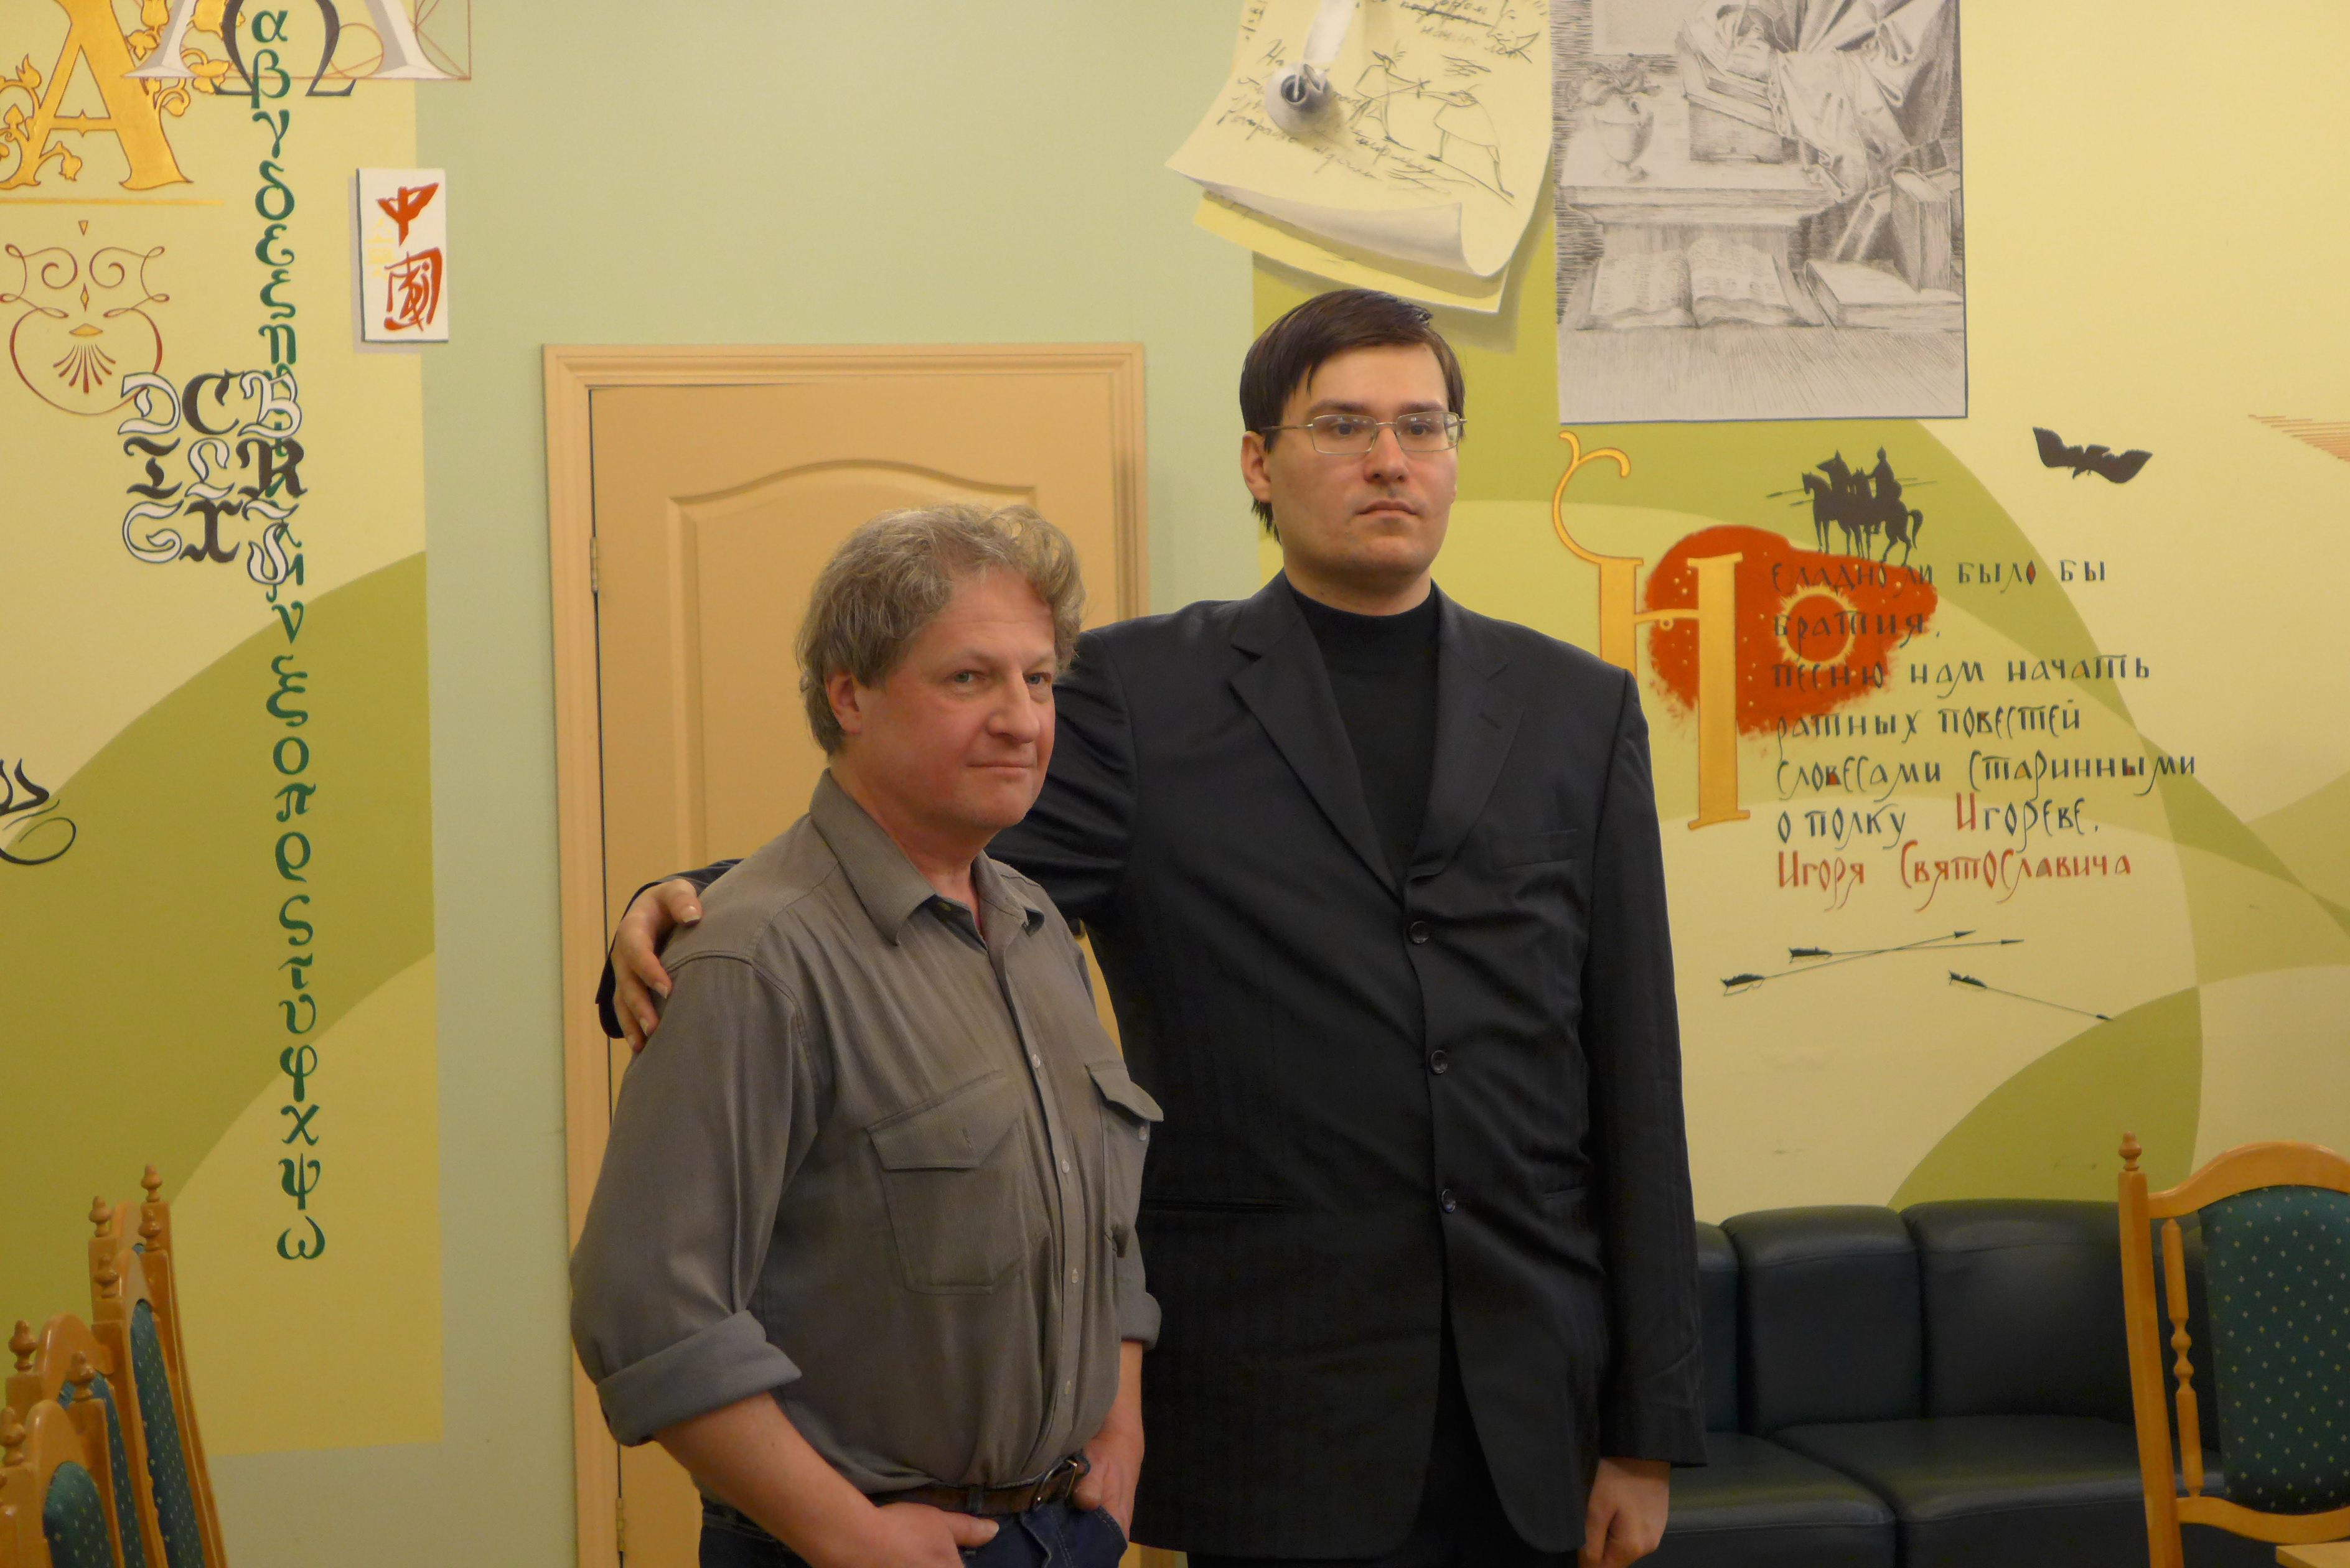 Андрей Козырев и Вилли Мельников